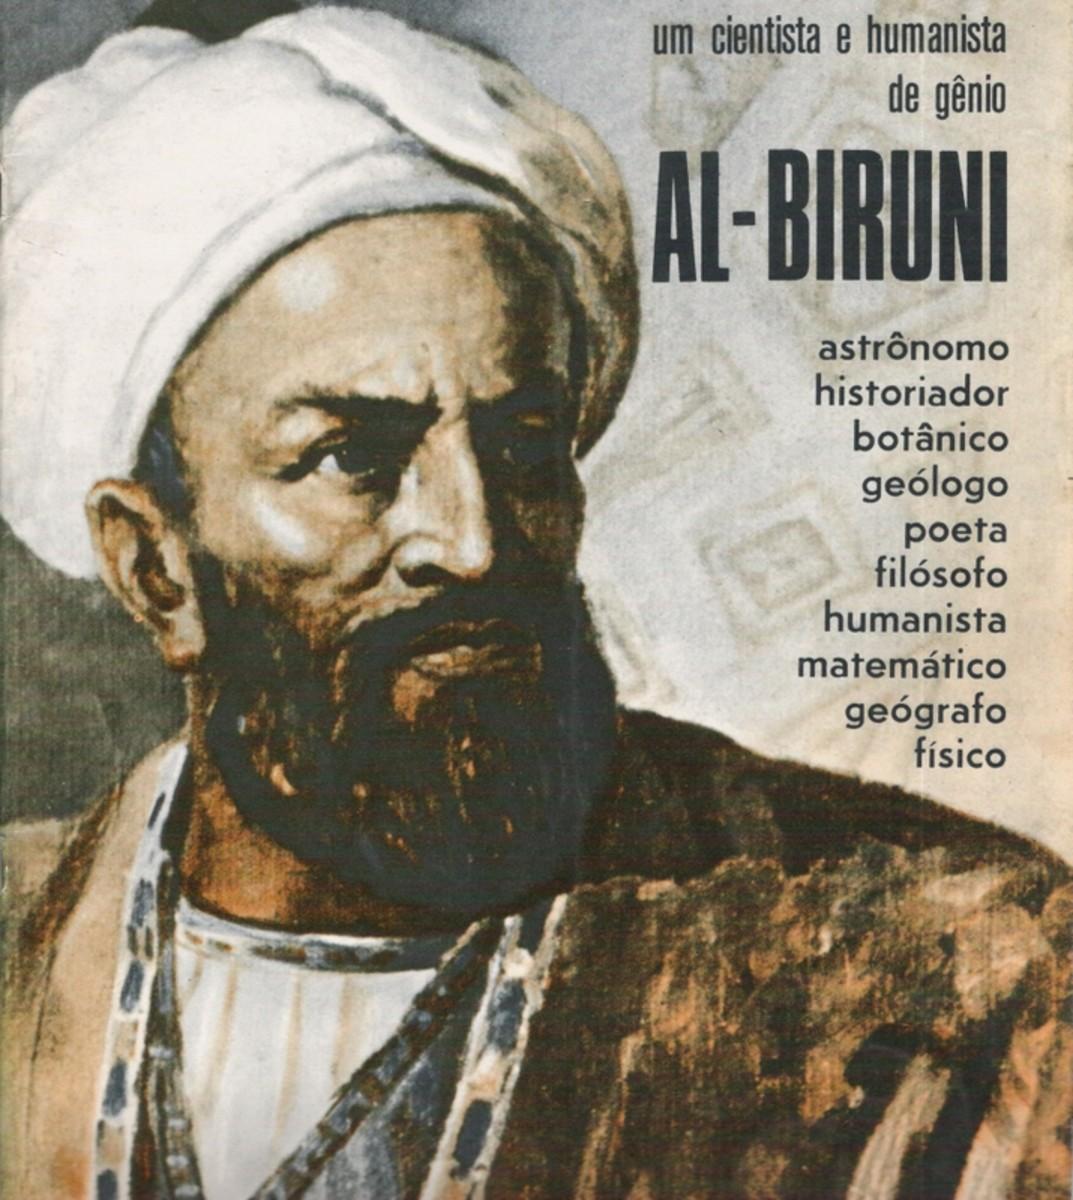 Al-Biruni, a pioneering scientist of the Islamic Golden Age.